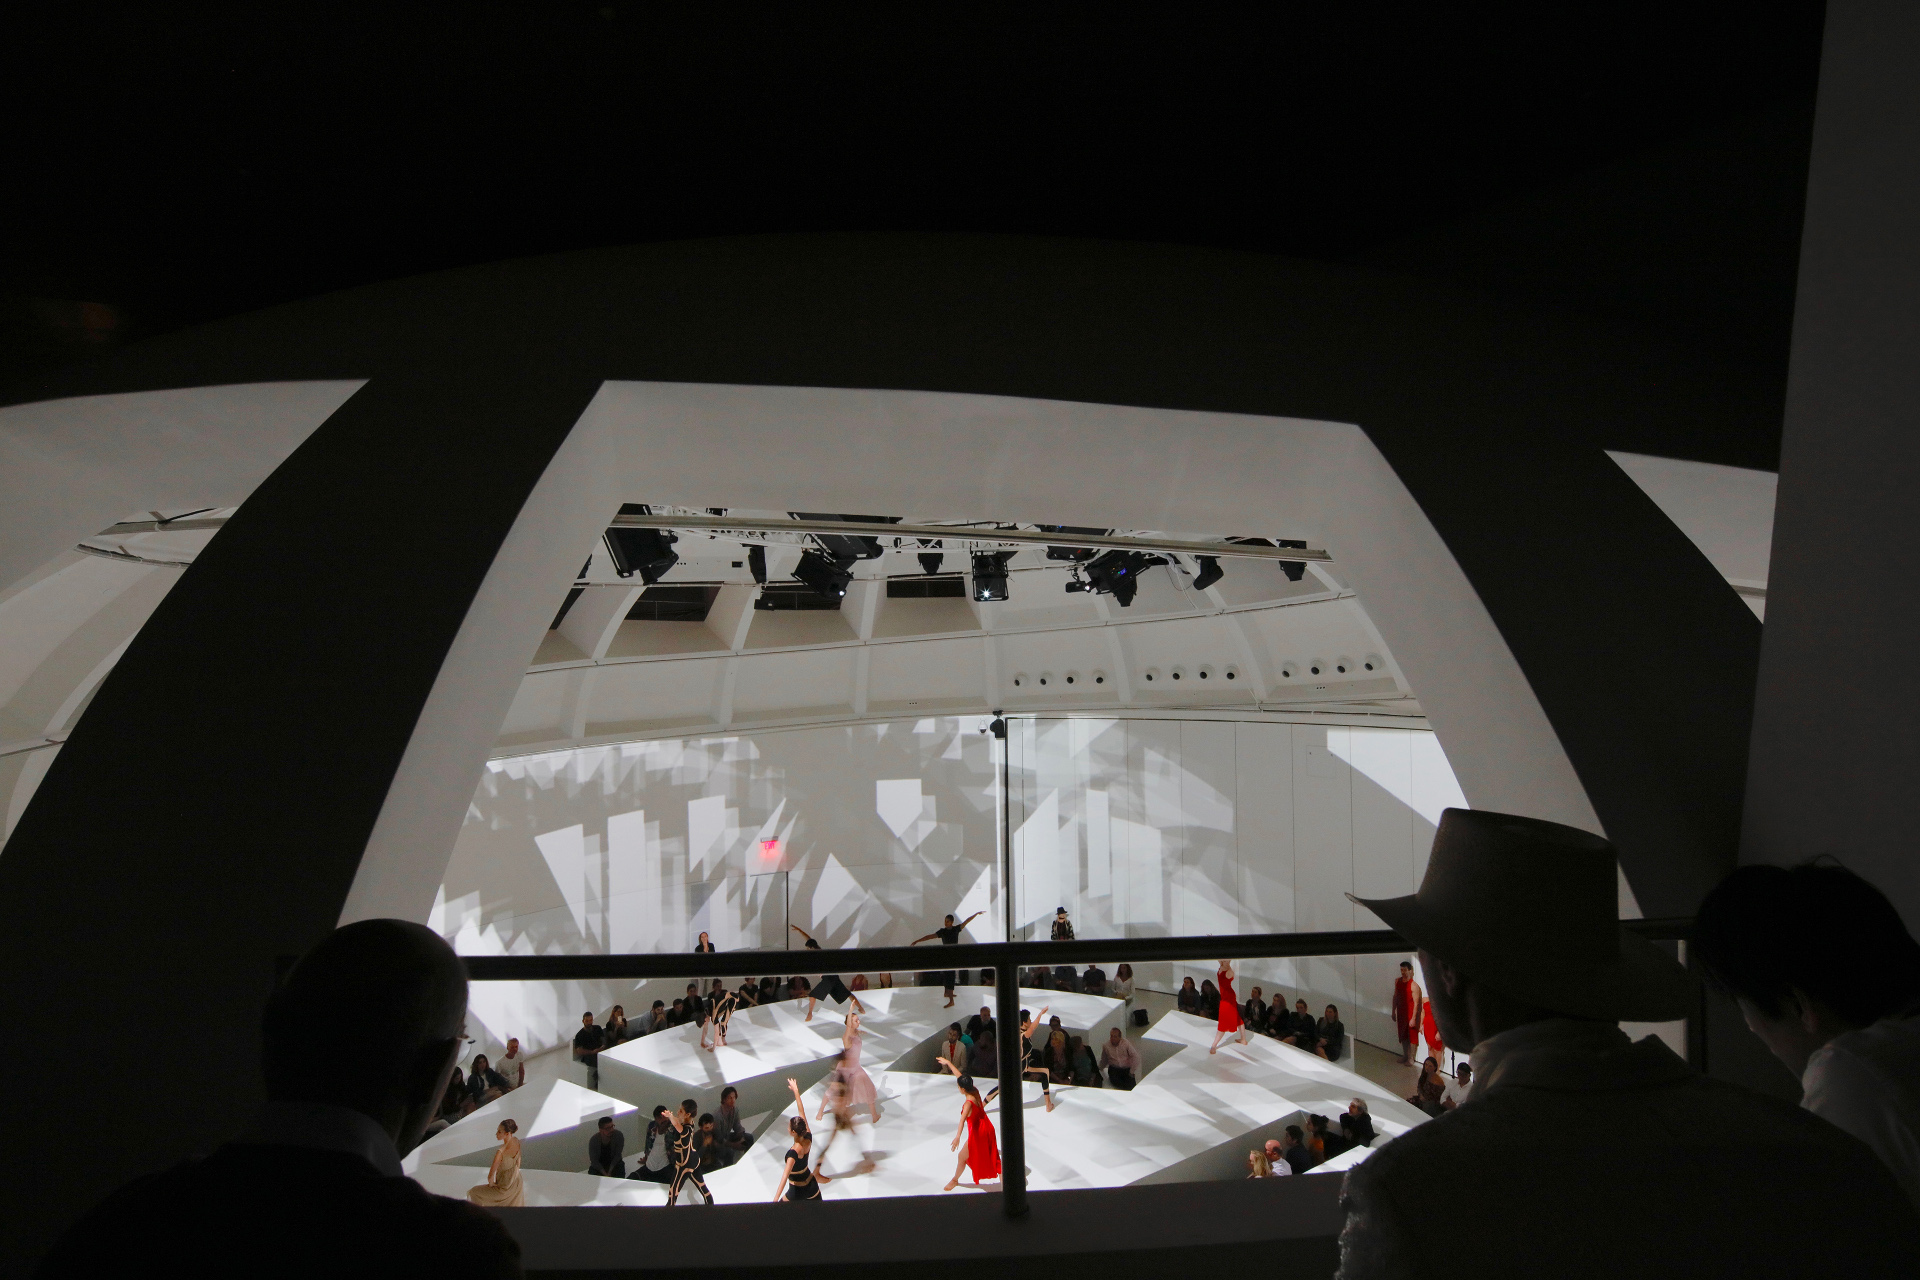 Facciata con archi di catenaria per il Faena Forum di OMA